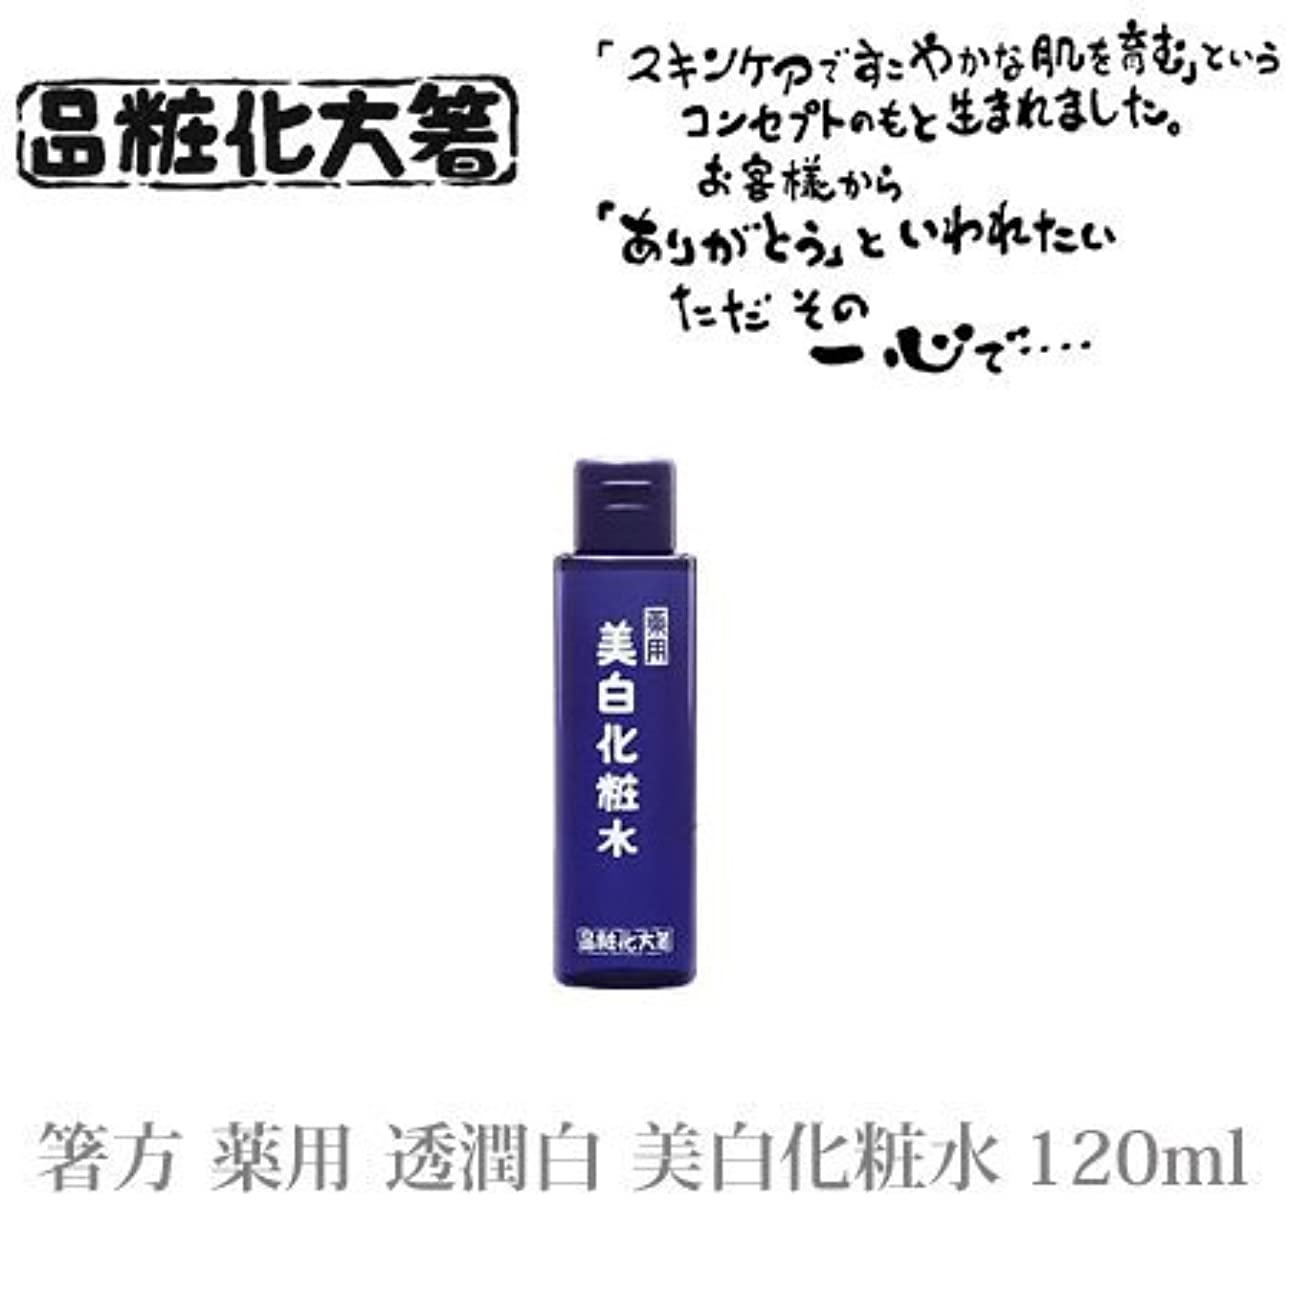 風愛報復箸方化粧品 薬用 透潤白 美白化粧水 120ml はしかた化粧品